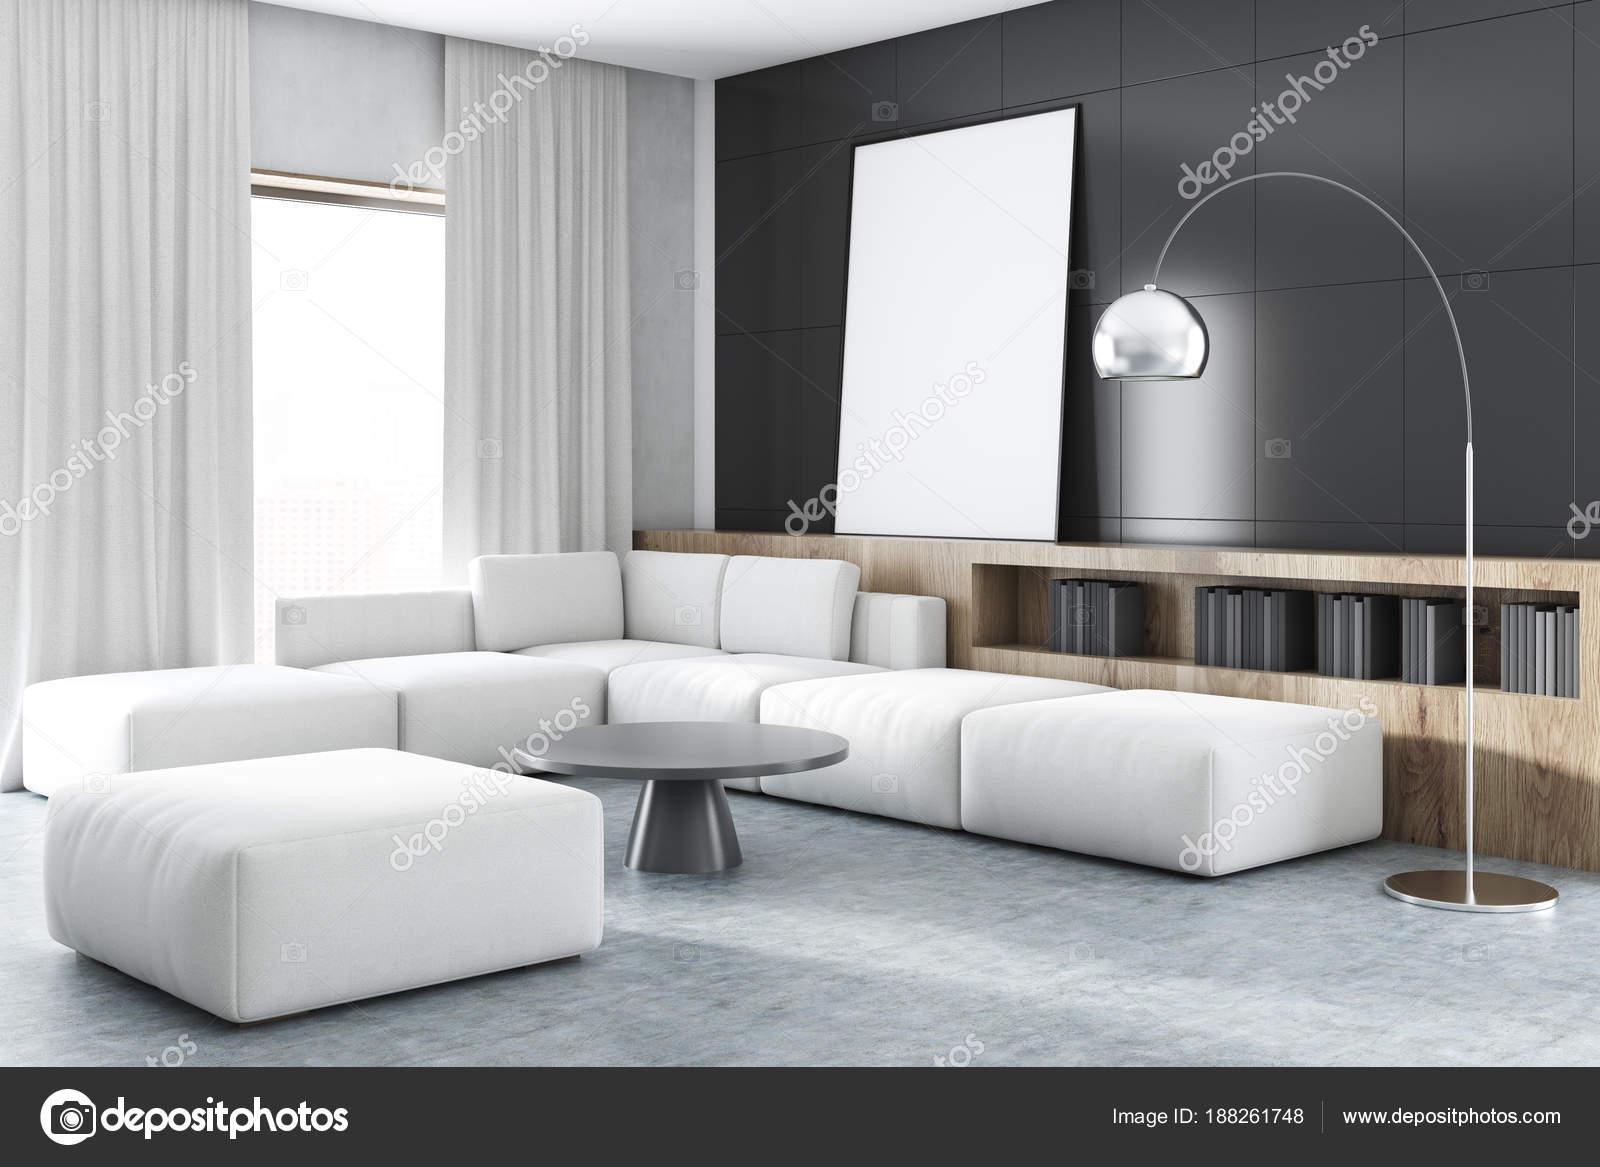 Schwarze Wand Wohnzimmer Ecke Mit Einem Weißen Sofa, Ein Großes Fenster,  Bücherregale Und Ein Gerahmtes Vertikale Poster. Eine Nahaufnahme.